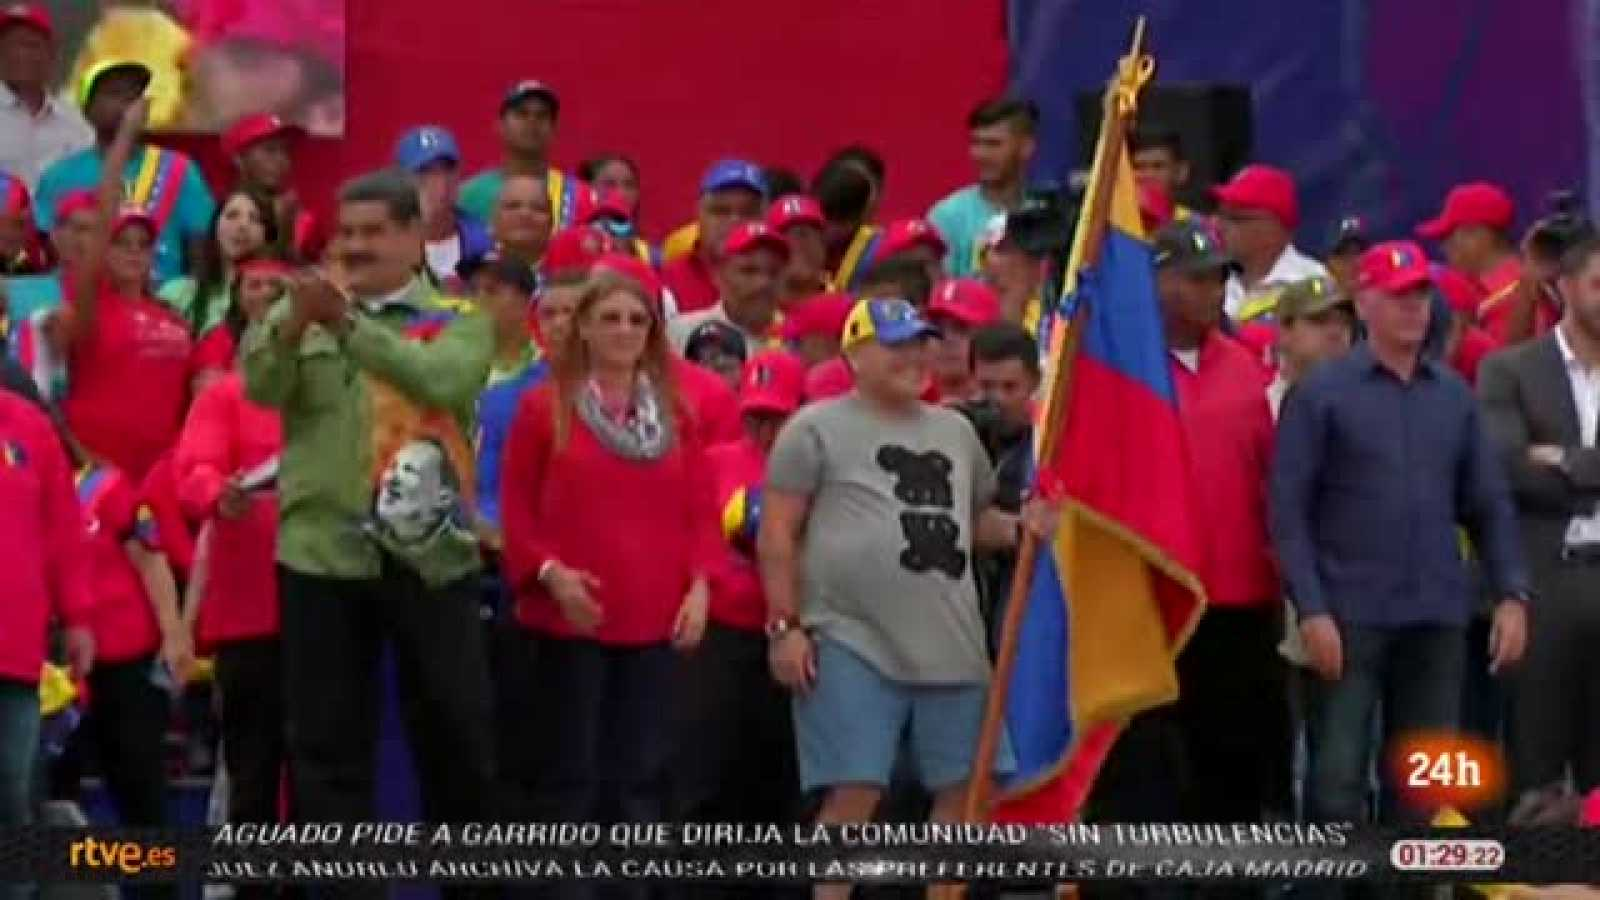 El boicot de la oposición facilita la reelcción de Maduro como presidente